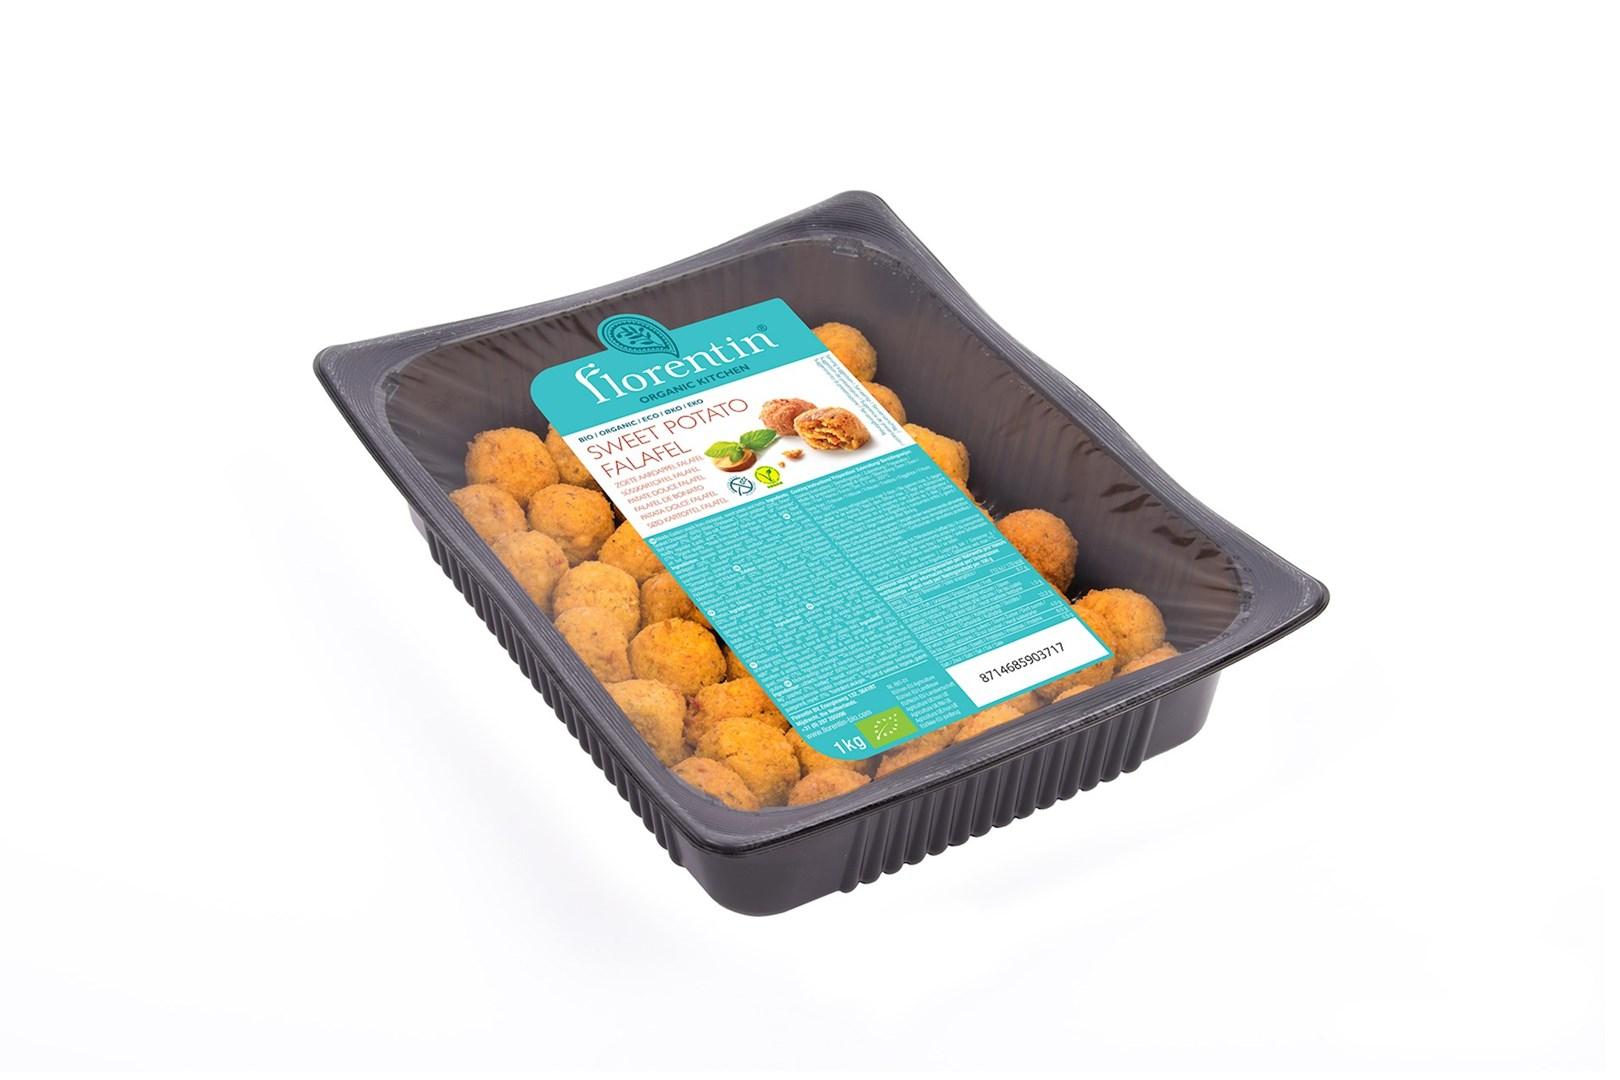 Productafbeelding Florentin zoete aardappel Falafel 1kg